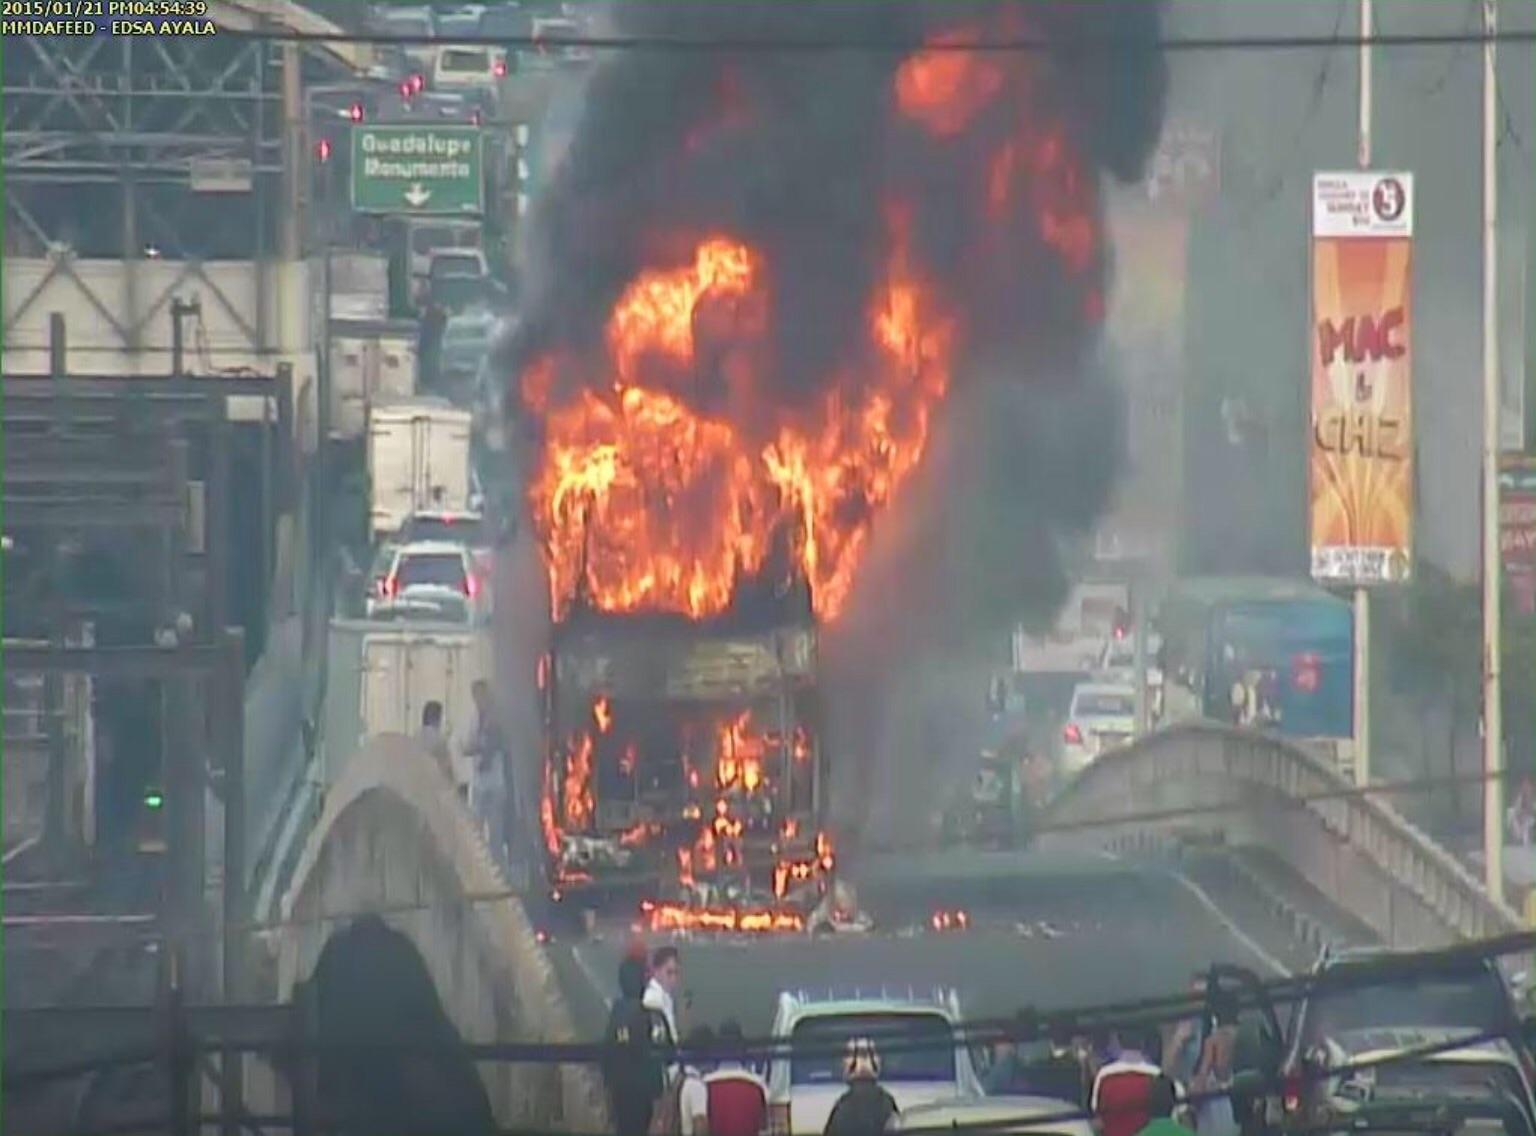 Passenger bus bursts into flames along Ayala flyover, Makati. (MMDA photo)